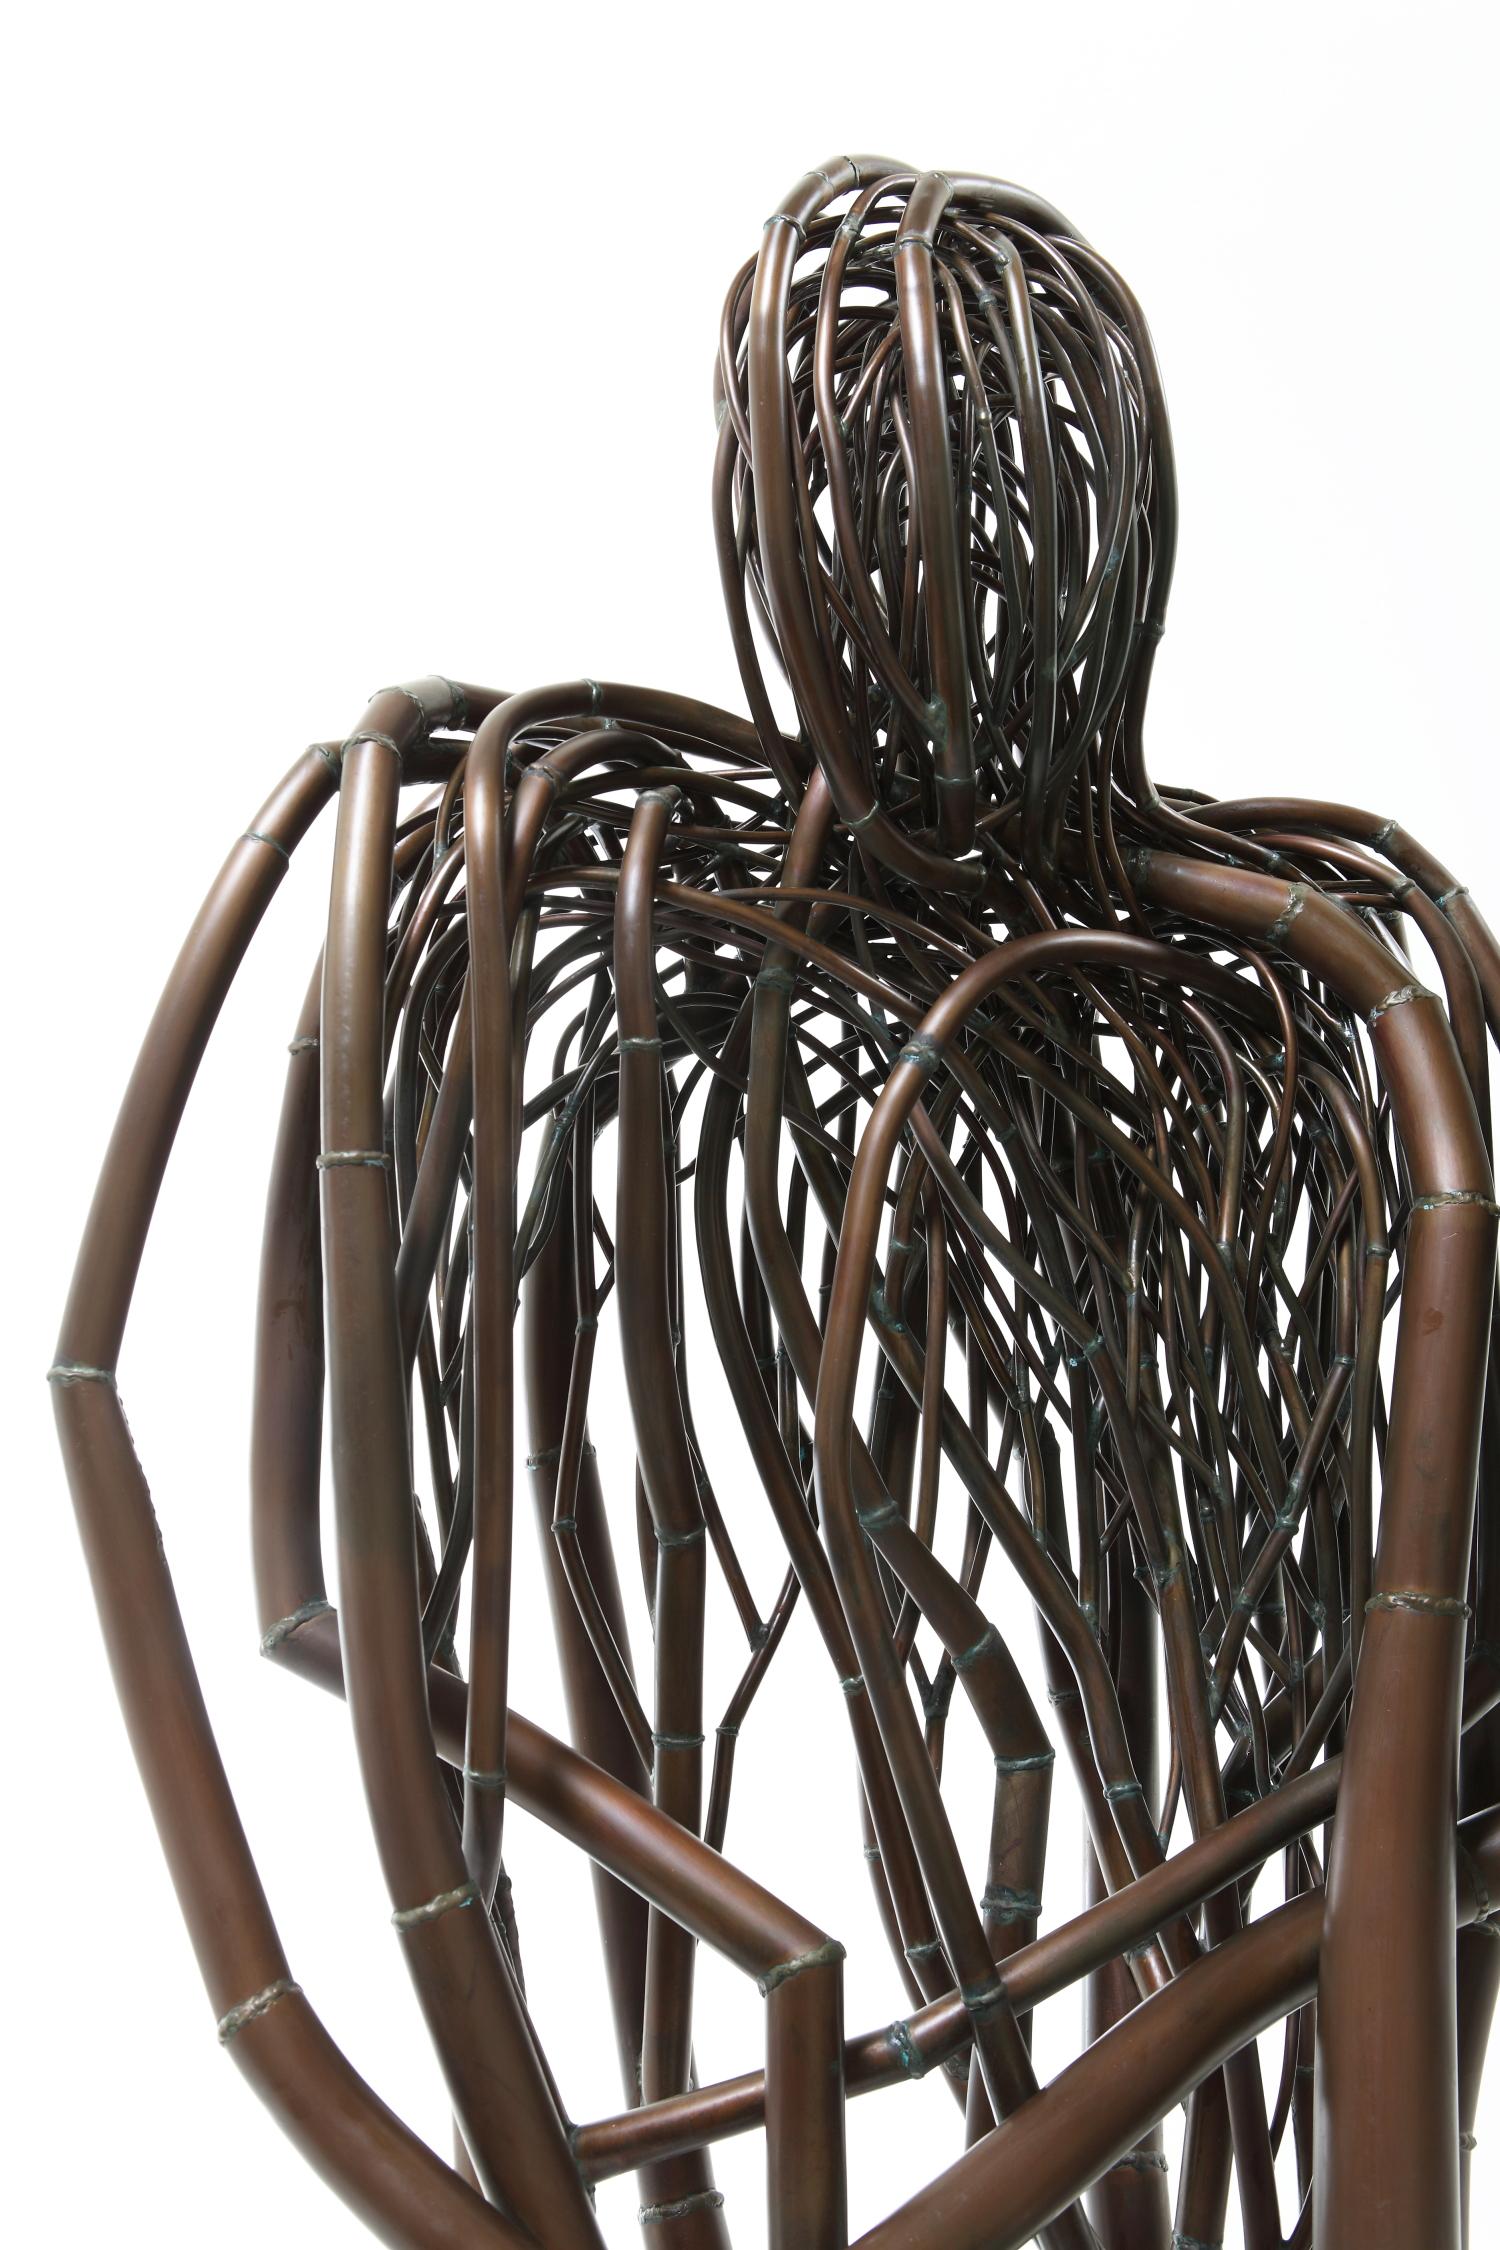 안재홍의 조각은 구리선에서 자라난다 - 해움미술관 기획전시 <선과 매체의 조응>